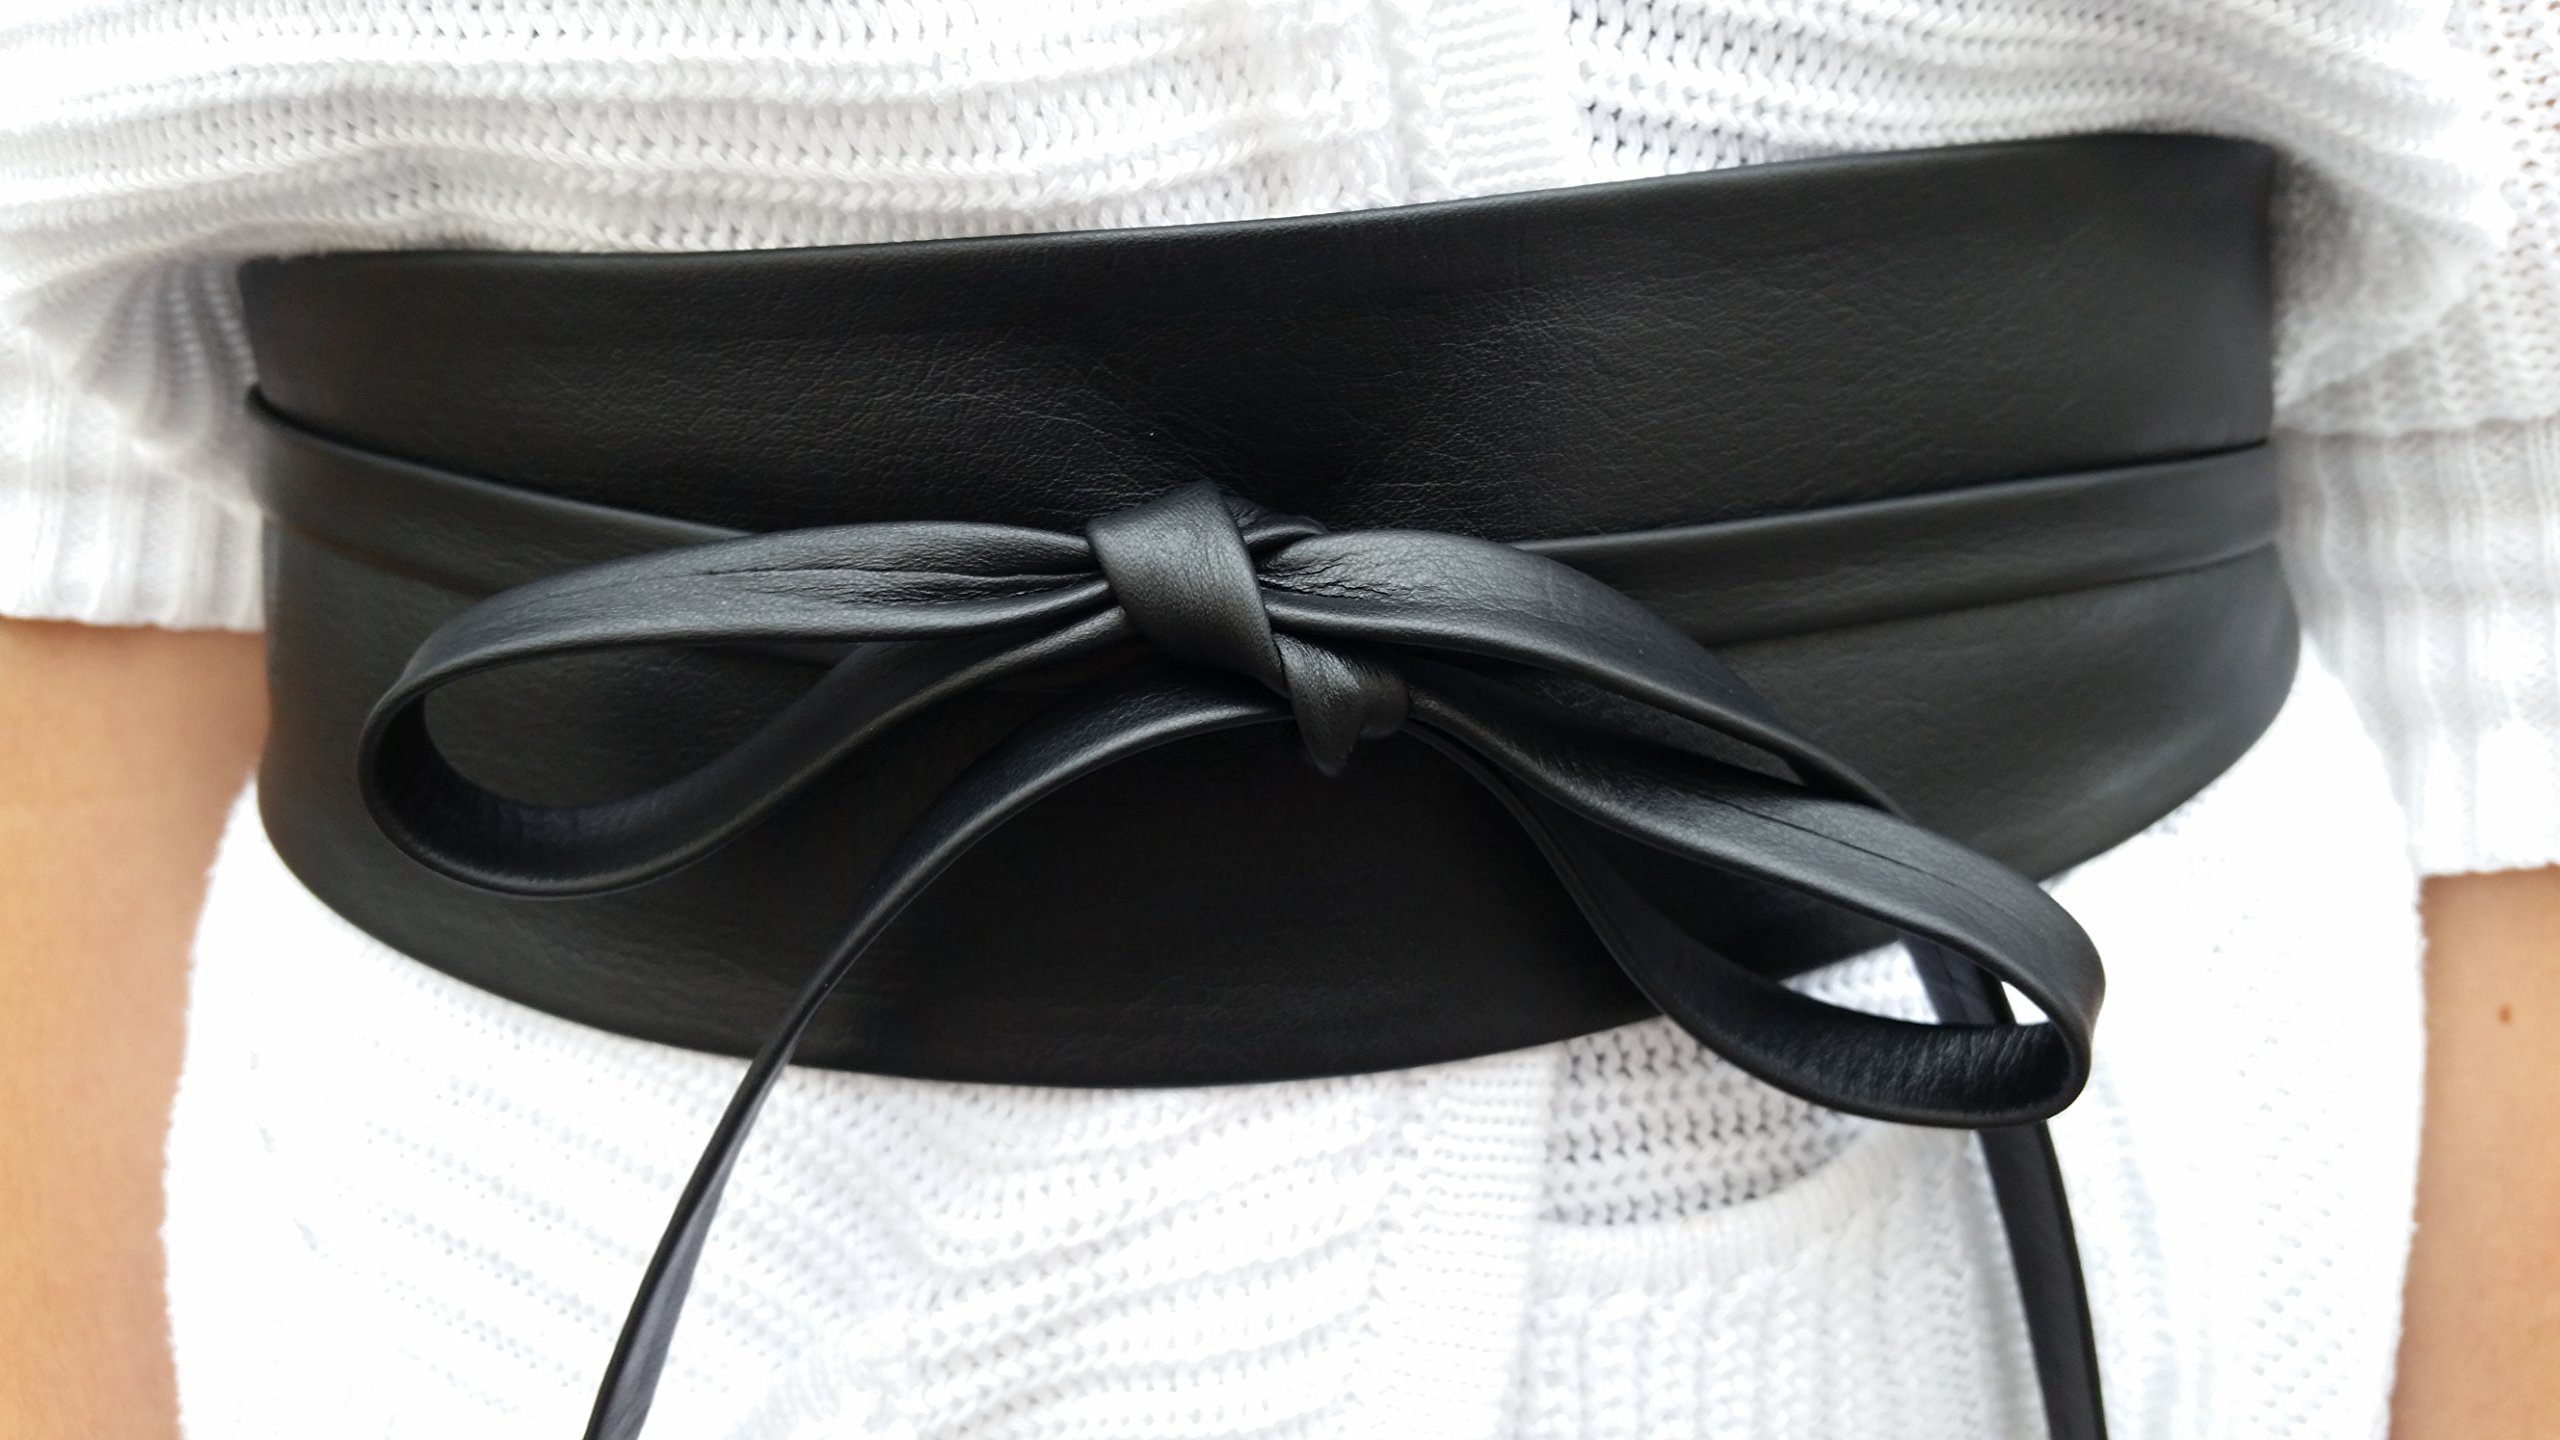 VIKTOR SABO Handmade OBI BLACK Leather For Waistline Up To 28''/71 cm Medium+